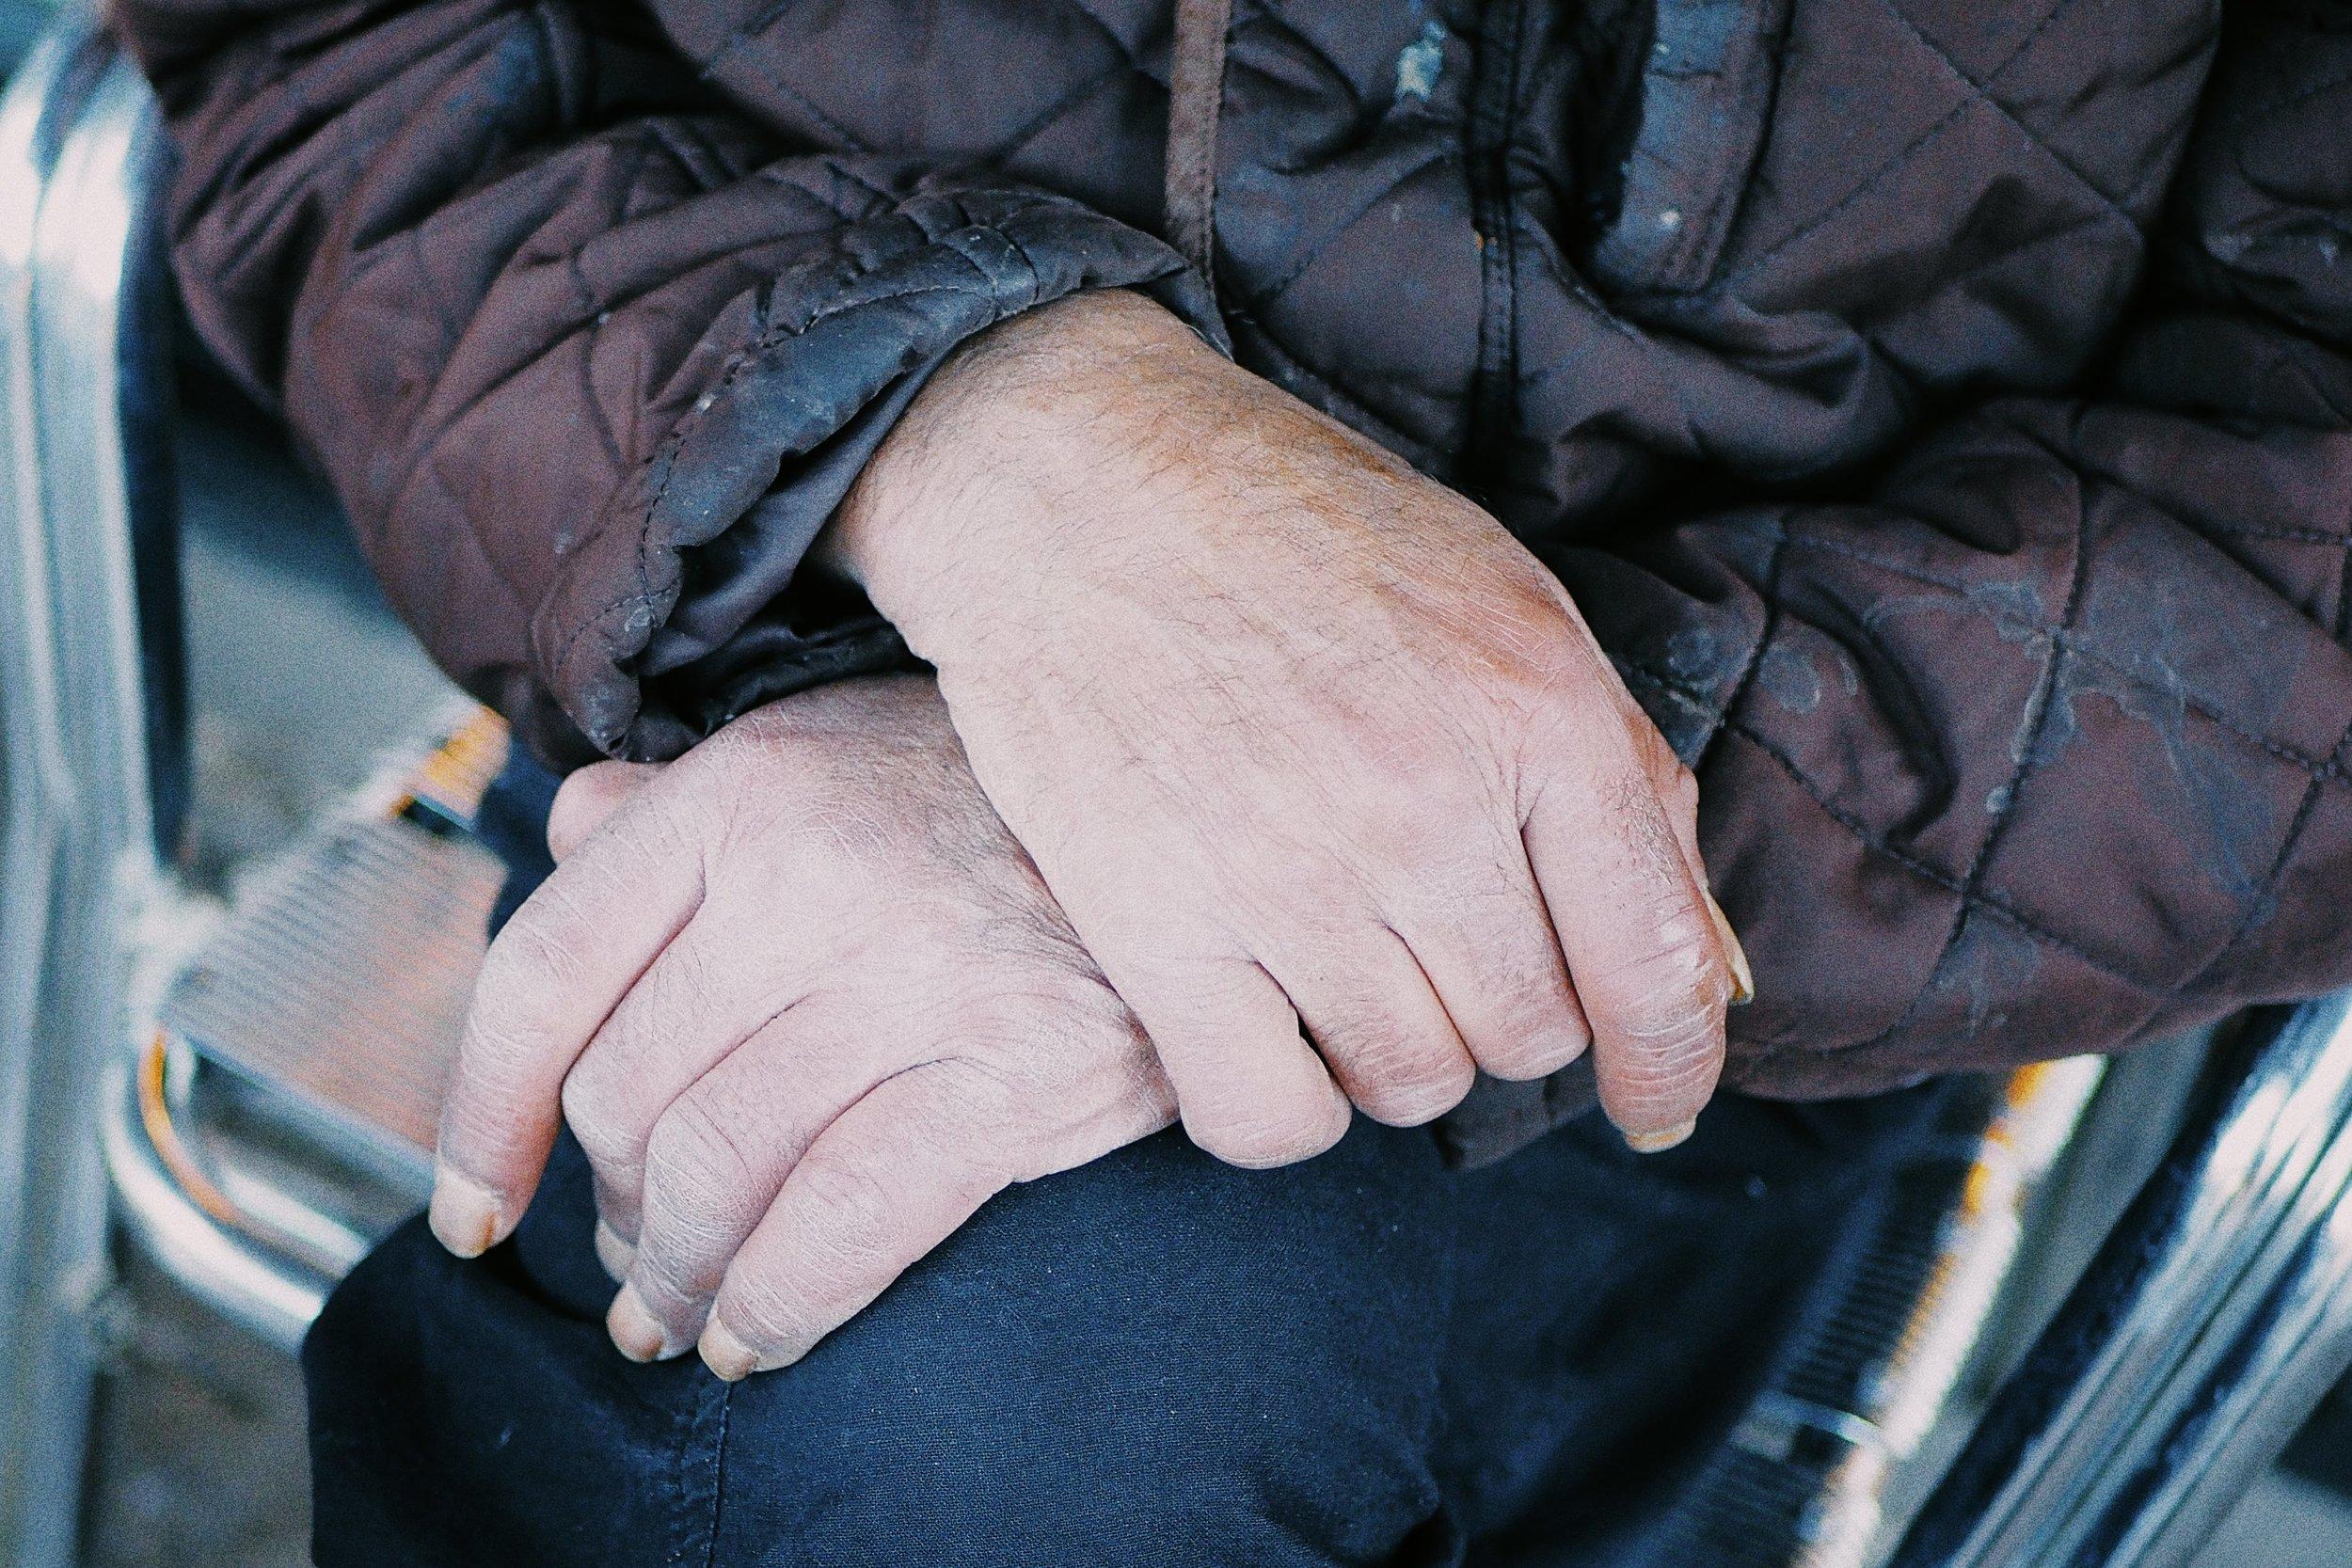 Hands.